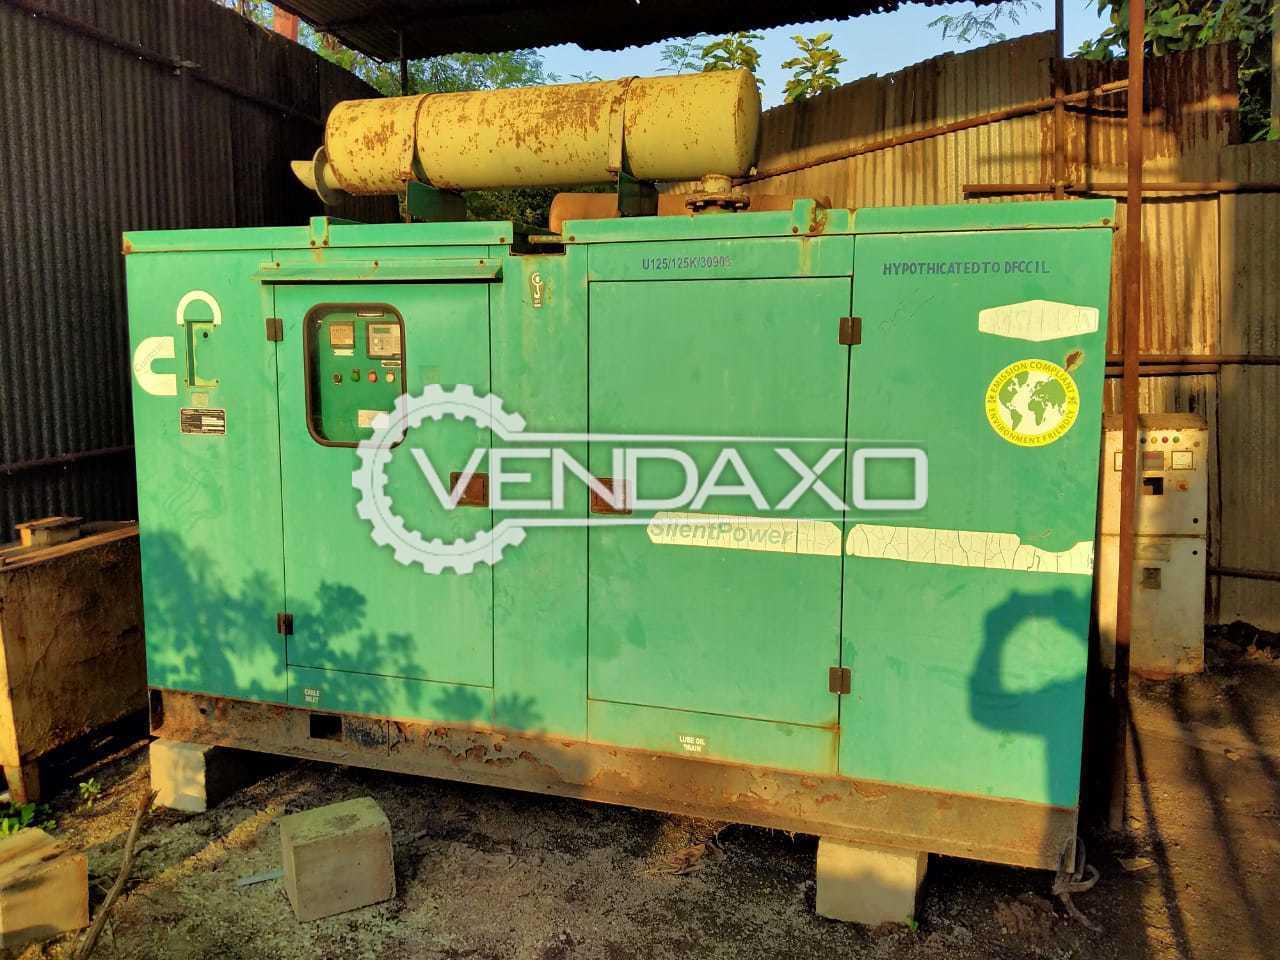 Used Diesel Generator for Sale | Buy or Sell Used Diesel